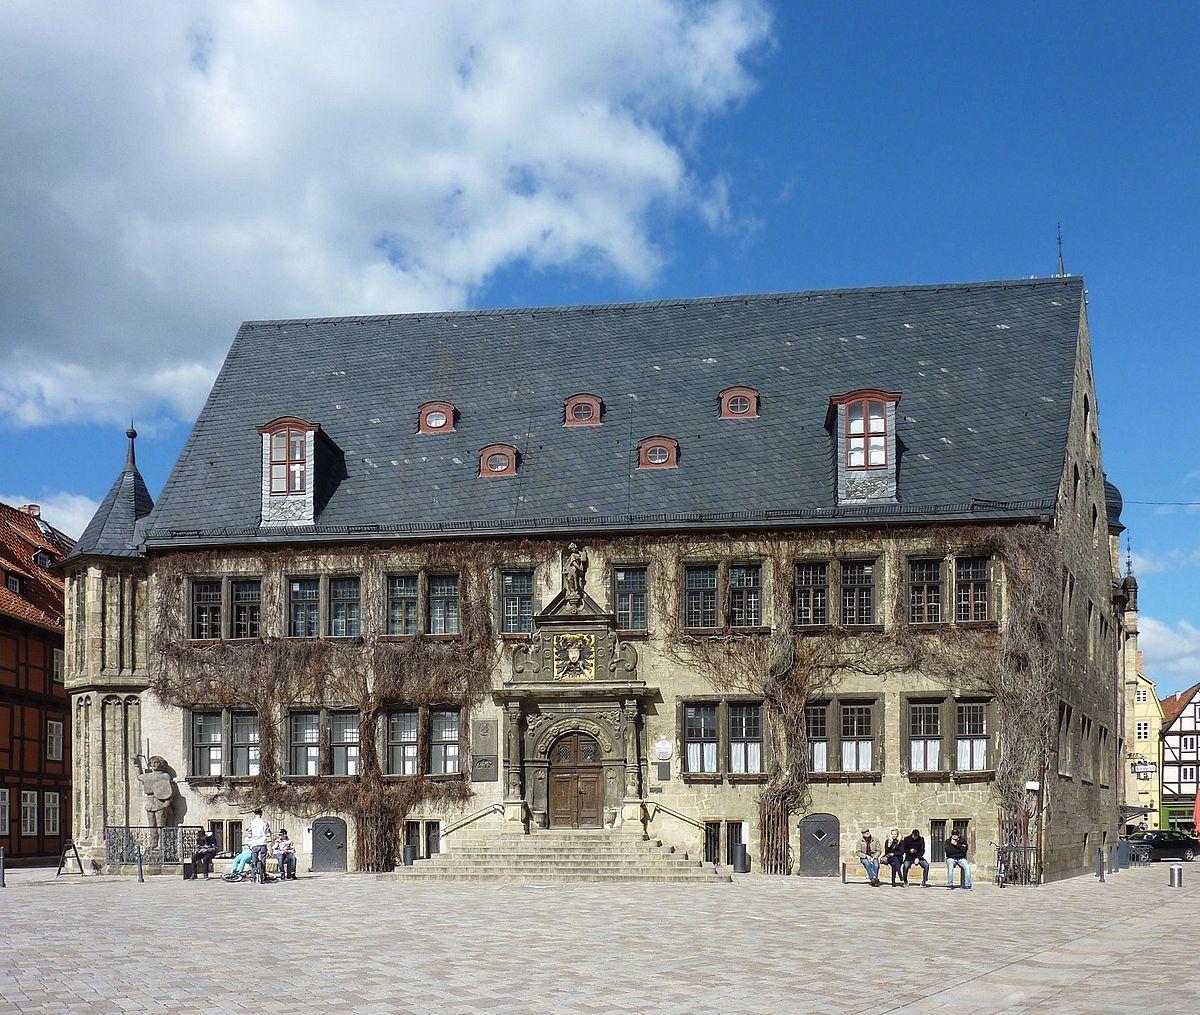 Adresse Von Markt Cafe In M Ef Bf Bdnster